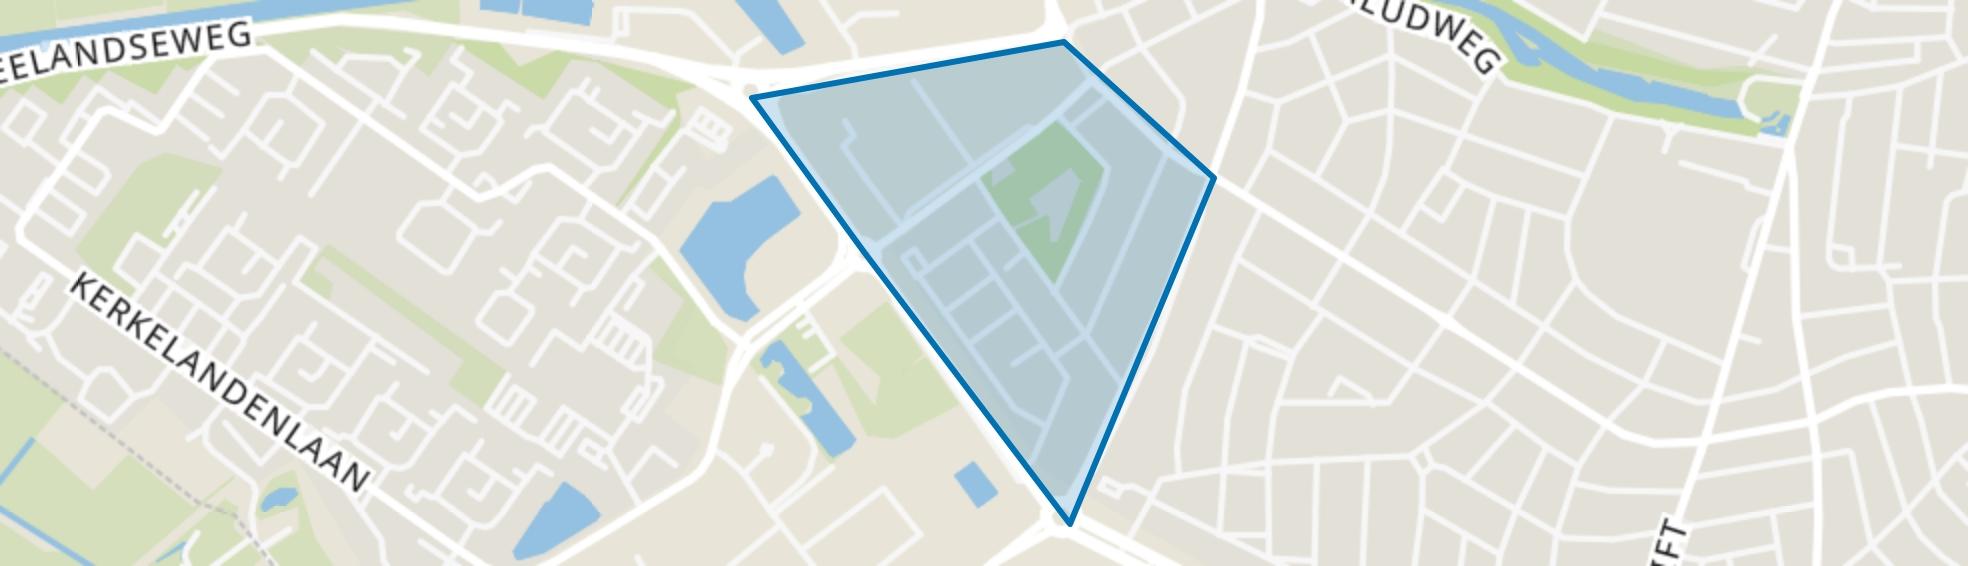 Zeverijn, Hilversum map